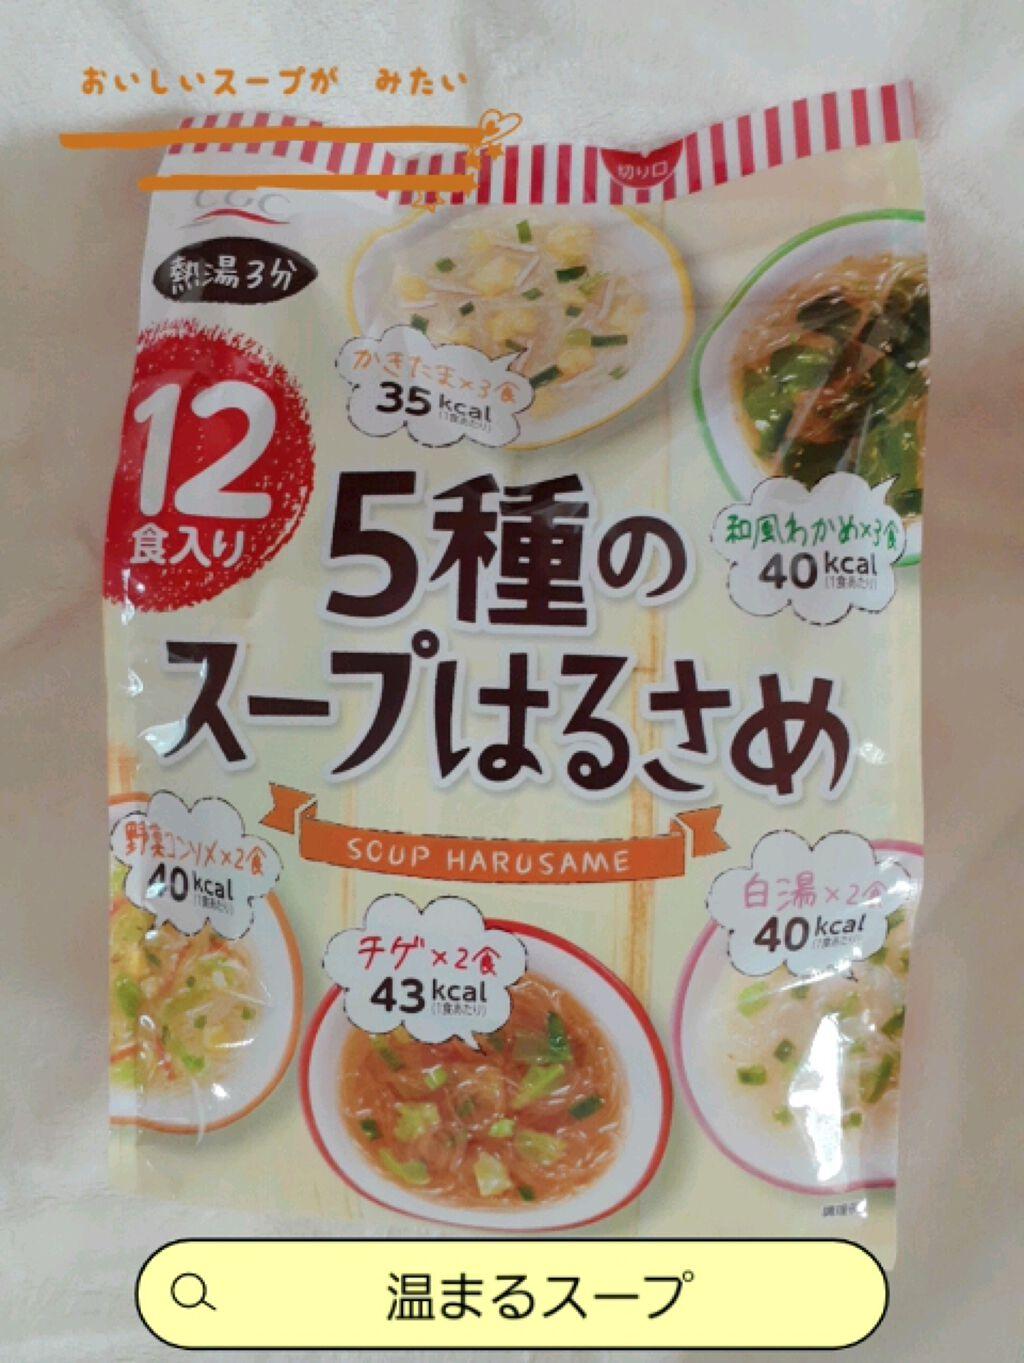 MA on LIPS 「5種のスープはるさめ◎かきたま×3ふわふわたまごにチキンのうま..」(1枚目)